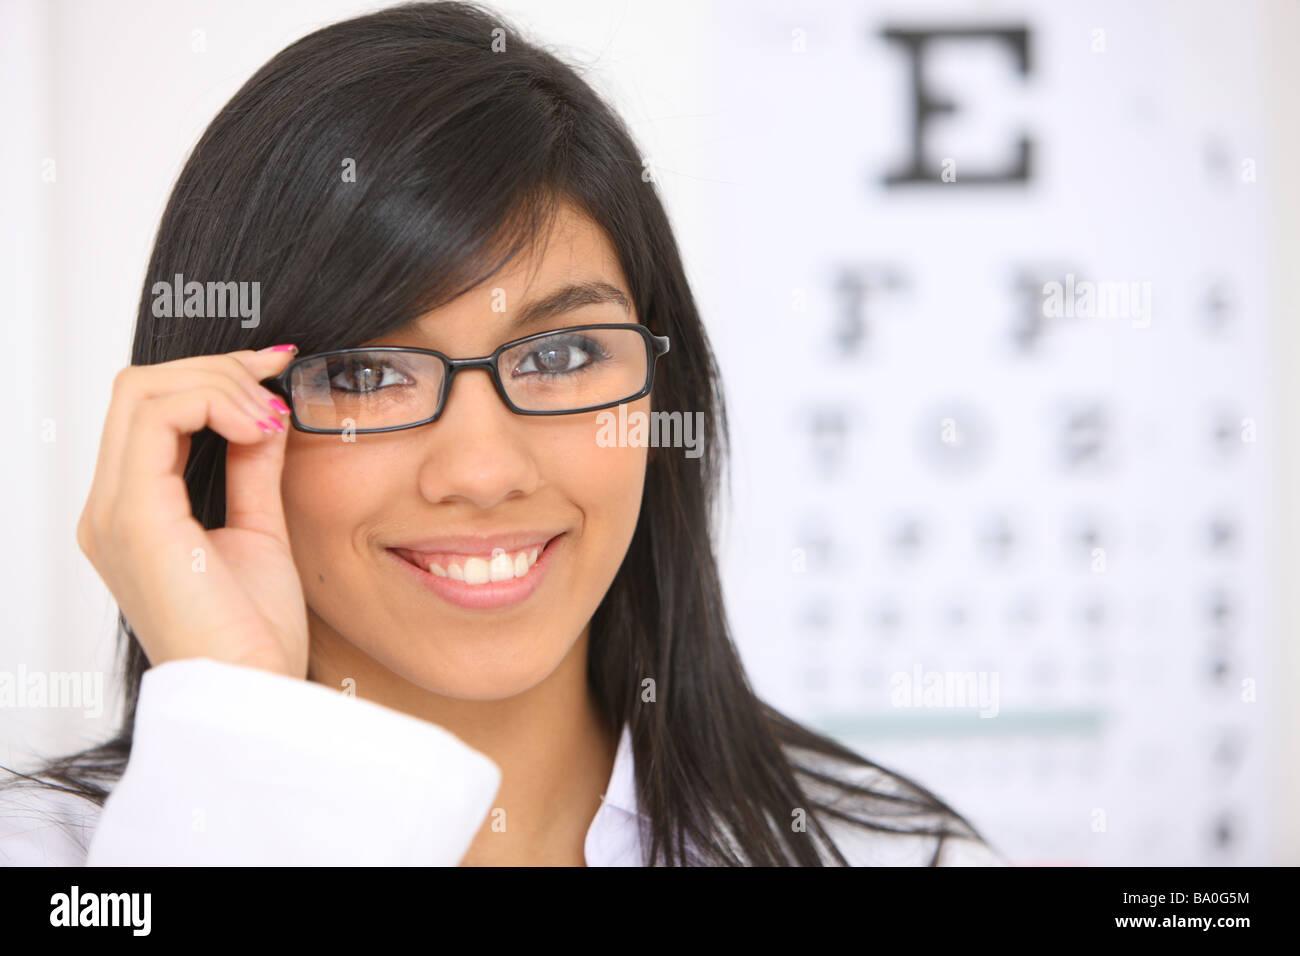 Giovane donna con gli occhiali grafico oculare in background Immagini Stock